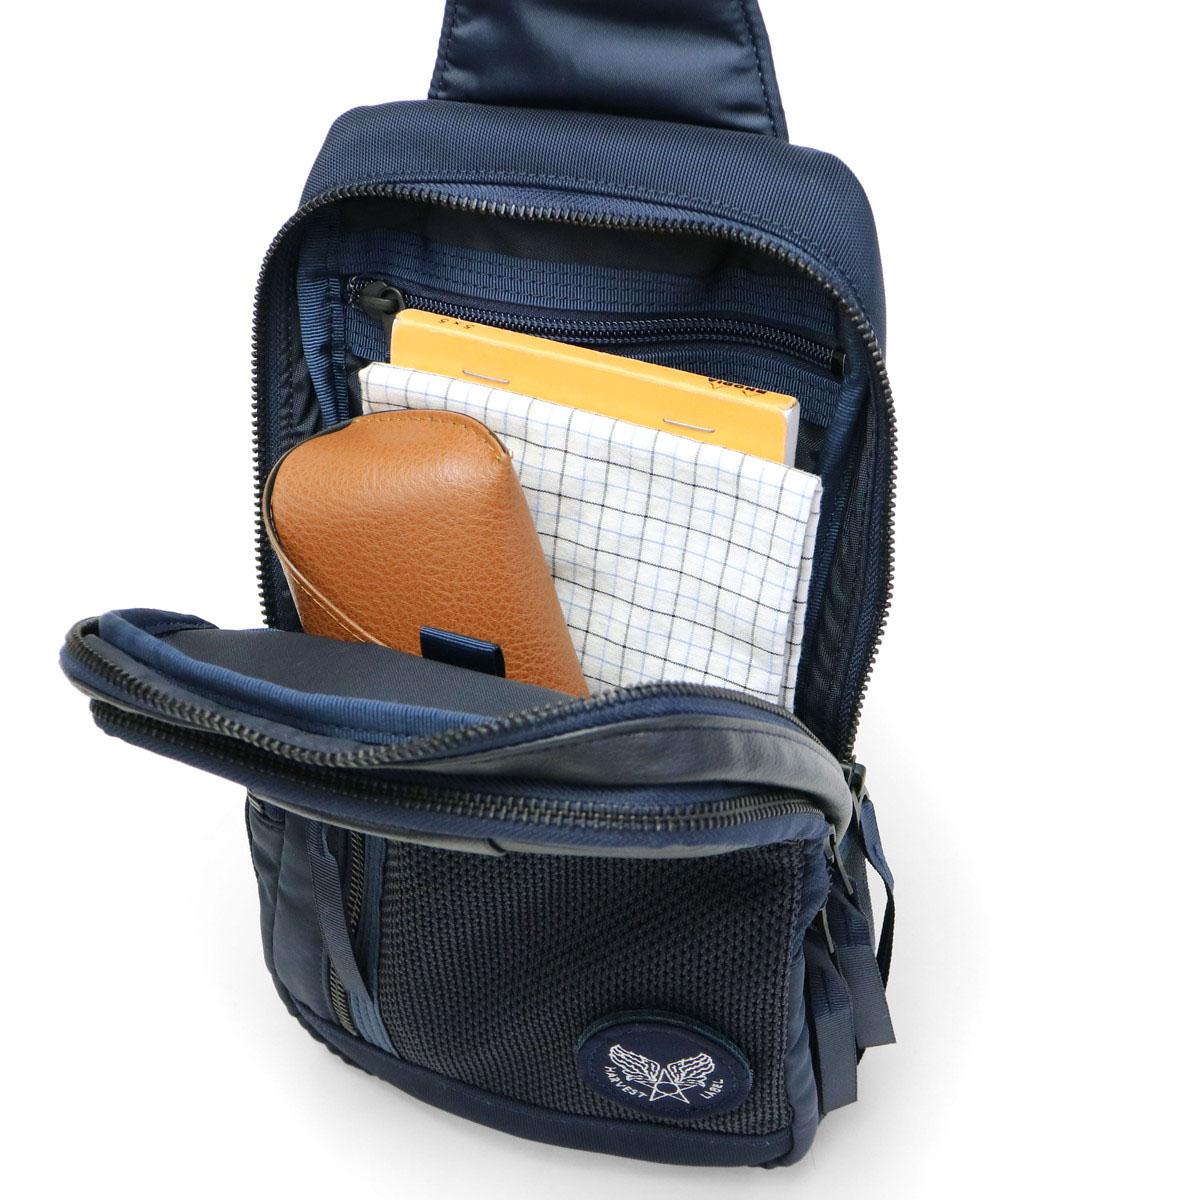 galleria bagluggage arvest label custom custom slingpack